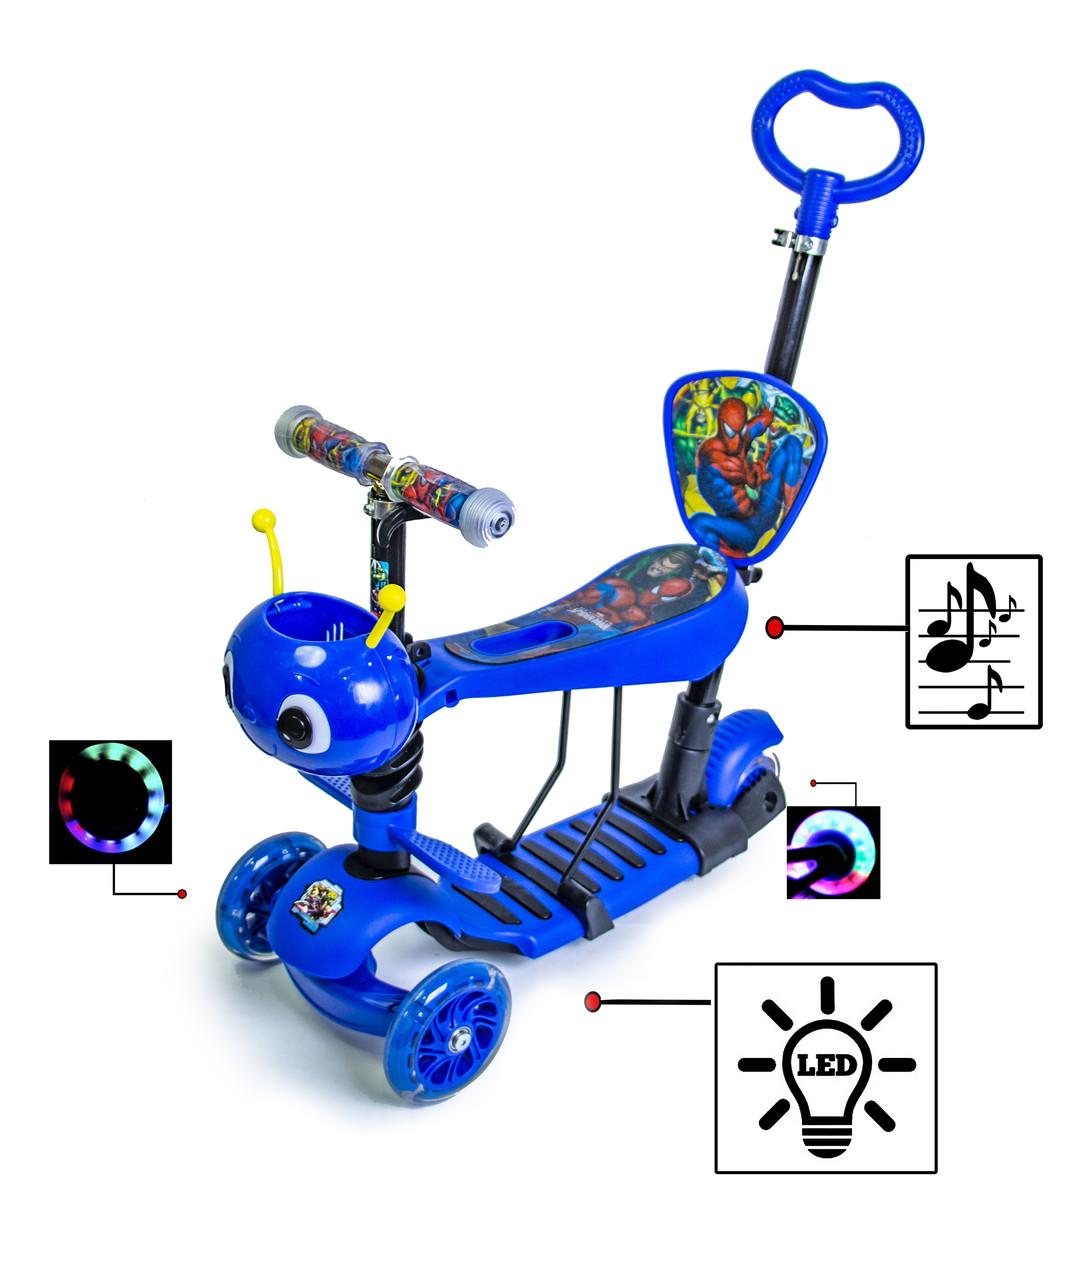 """Самокат Scooter """"Бджілка"""" 5in1. Спайдермен. Blue. зі світлом і музикою!"""